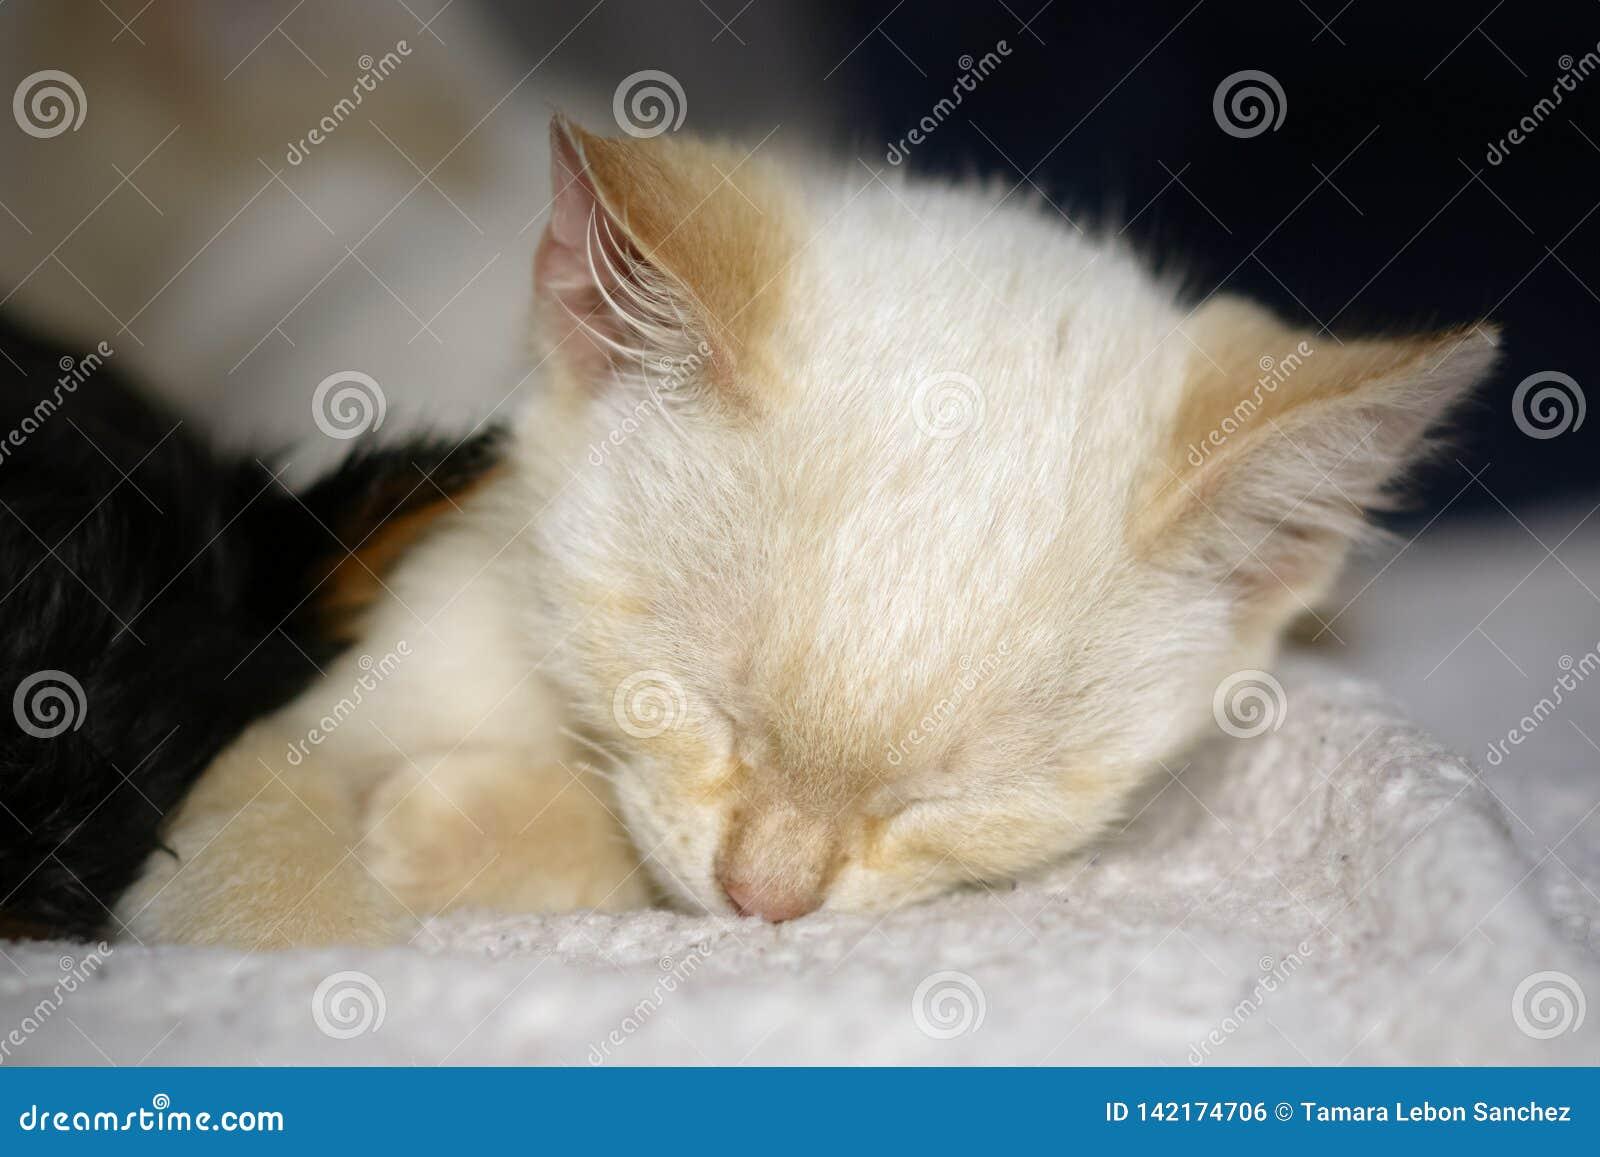 Retrato de un gatito dormido lindo